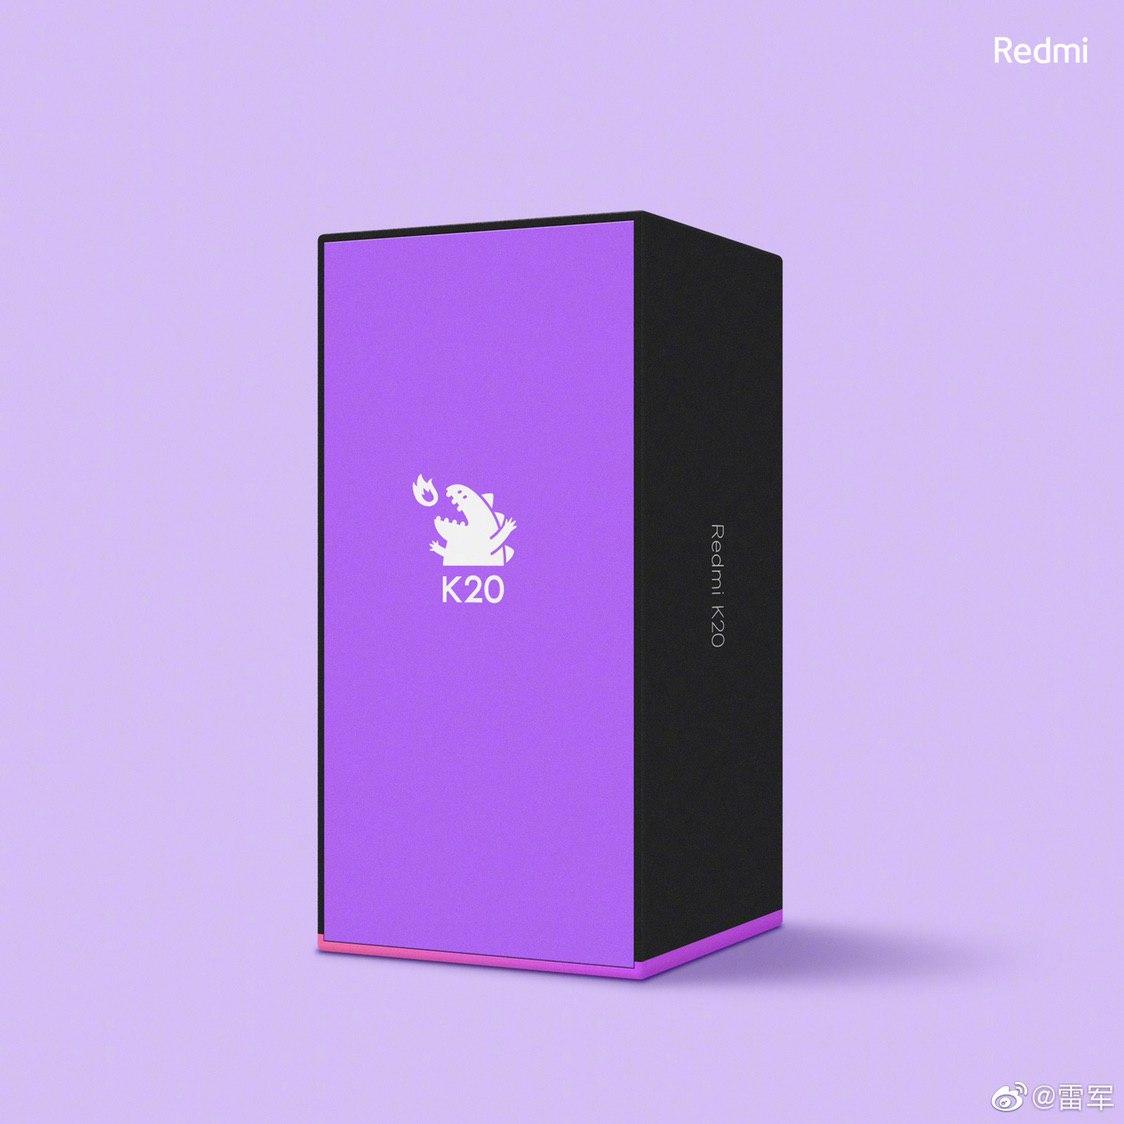 Diseño de la caja del Redmi K20.  Noticias Xiaomi Adictos